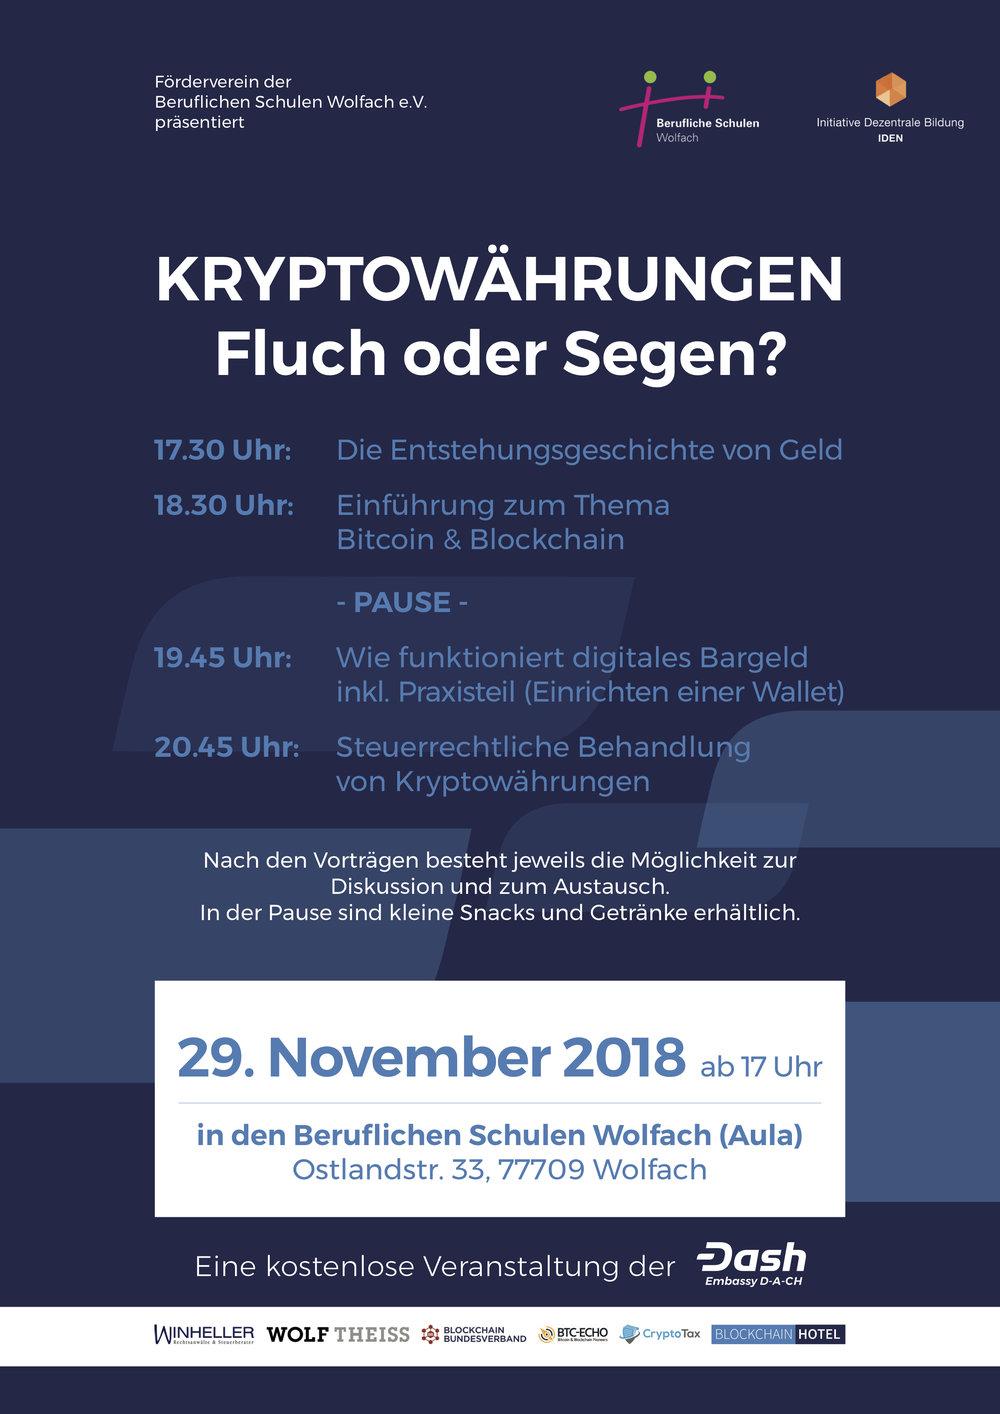 Plakat_A2_Roadshow_Beruflichen Schulen Wolfach JPG.jpg